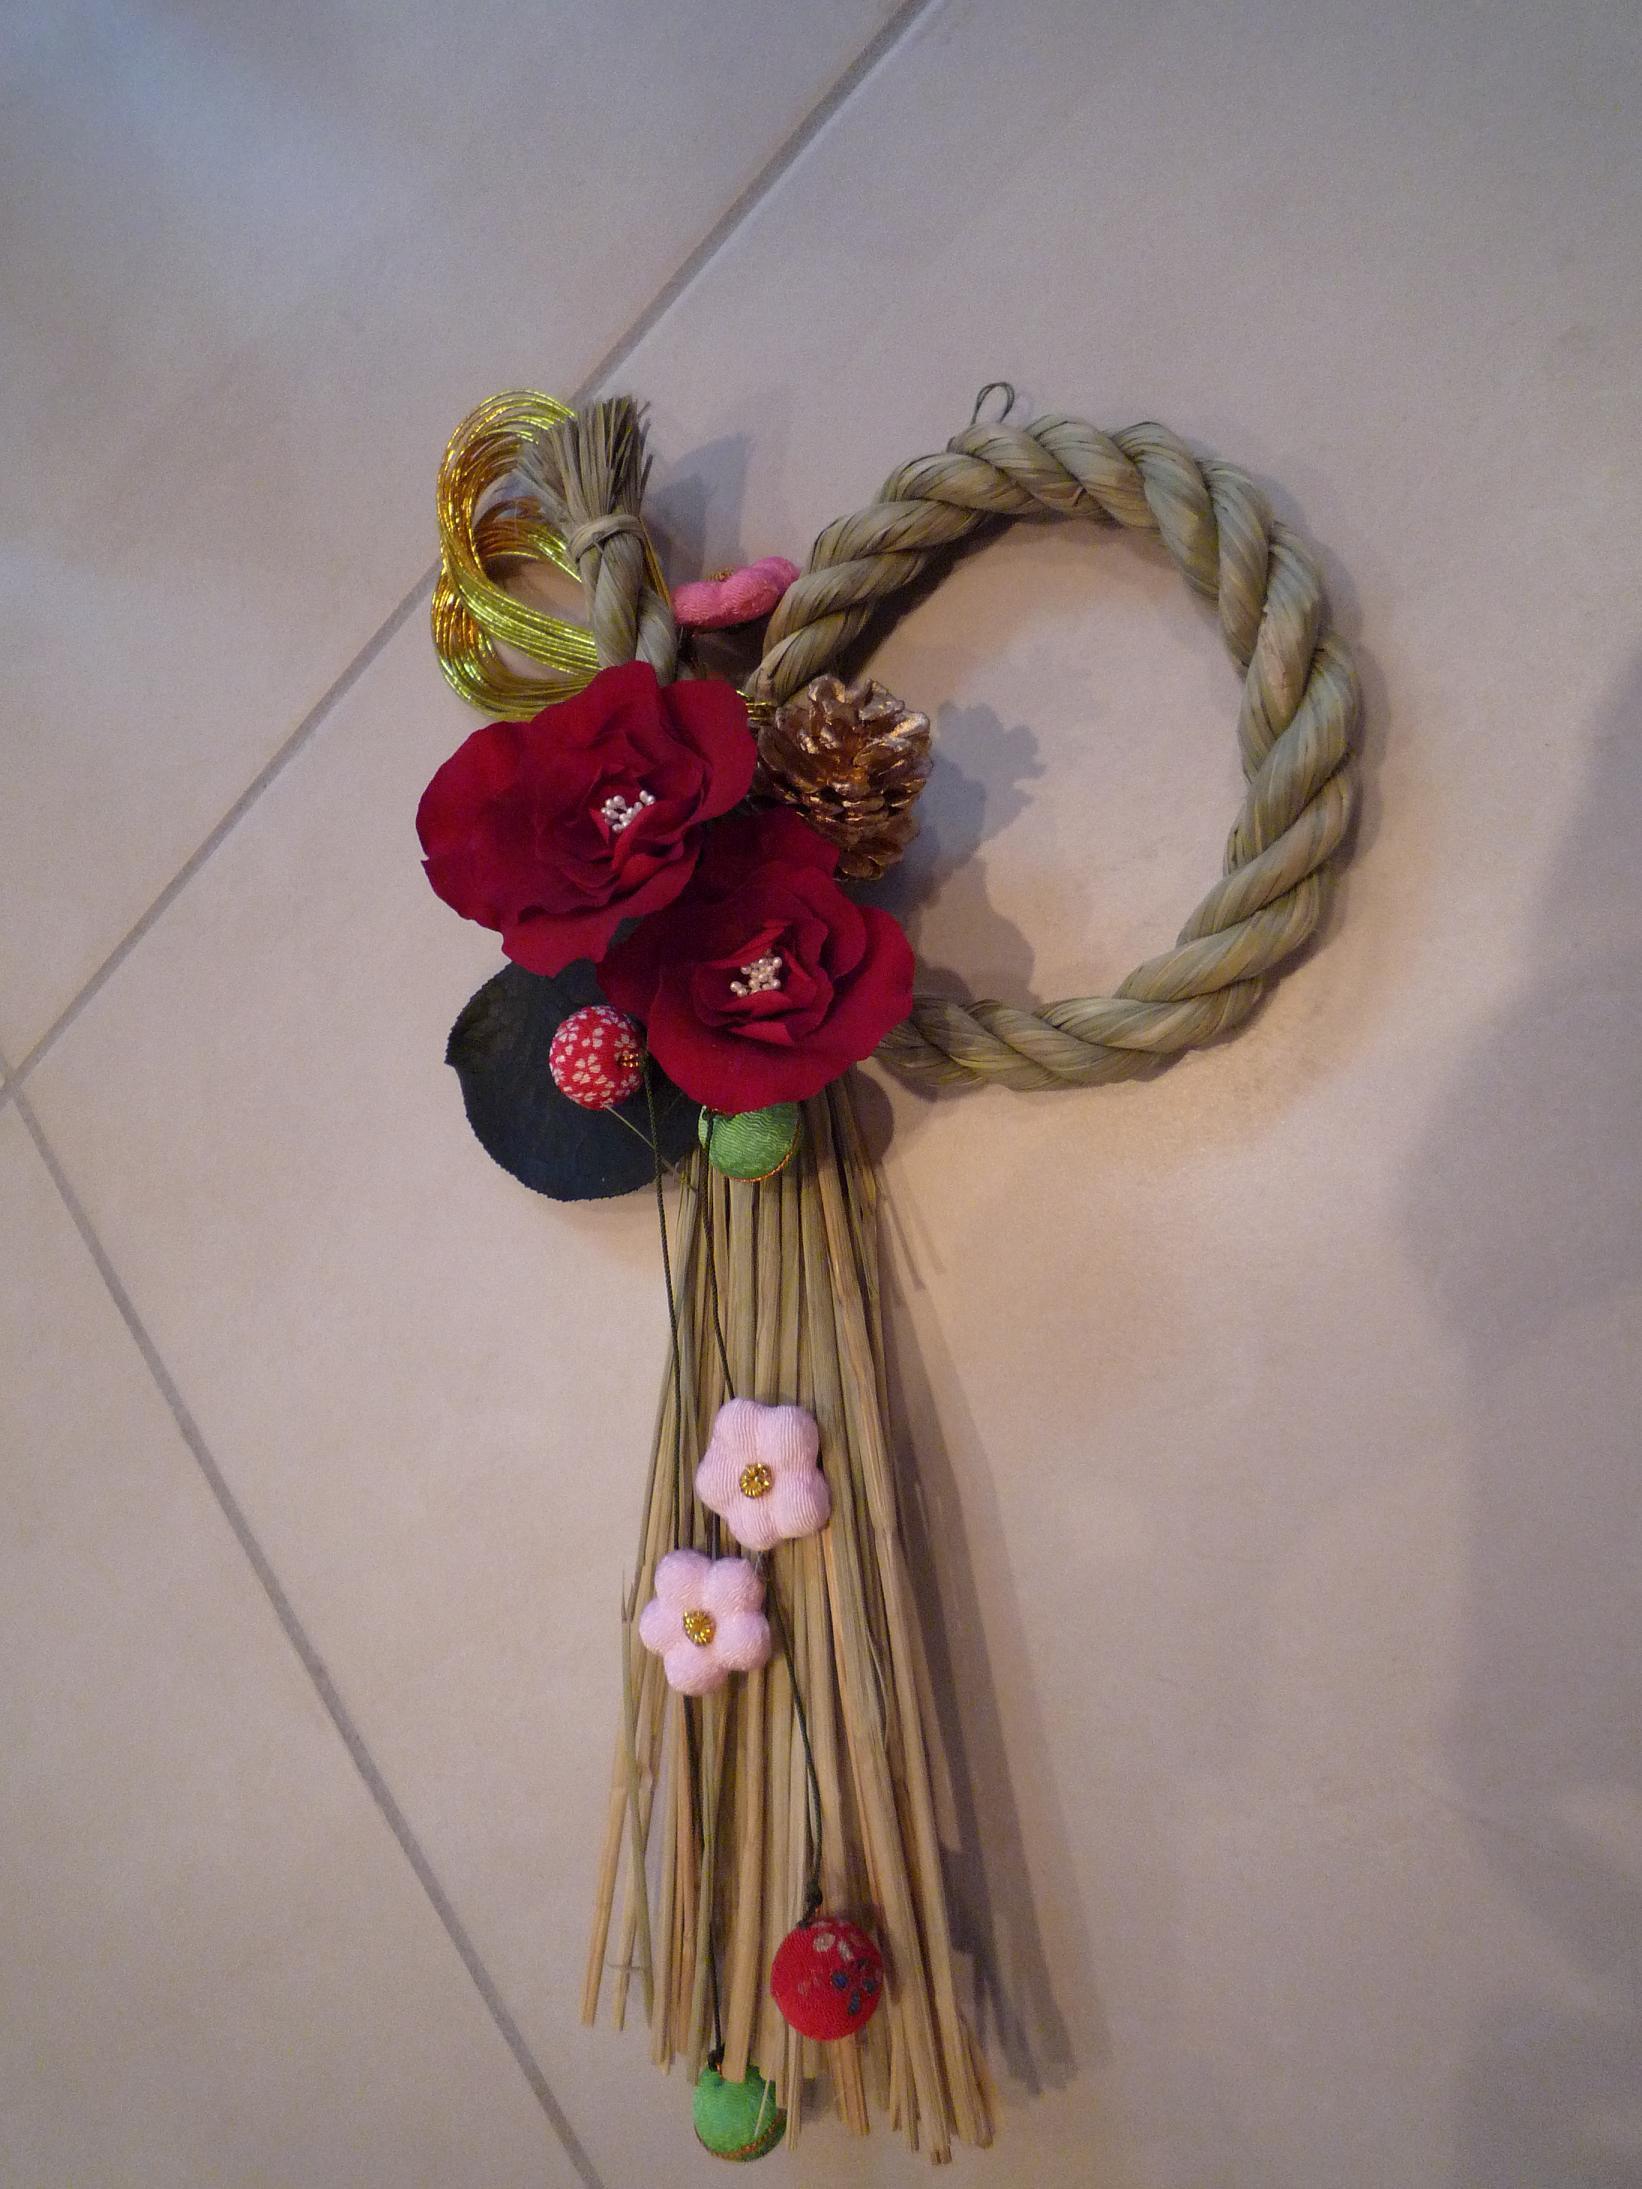 roseville bud vase of eŠ¦a±‹aƒ—aƒaa'¶aƒ¼aƒ–aƒ‰aƒ•aƒaƒ¯aƒ¼ae•™a¤ae—¥e¨ in 38